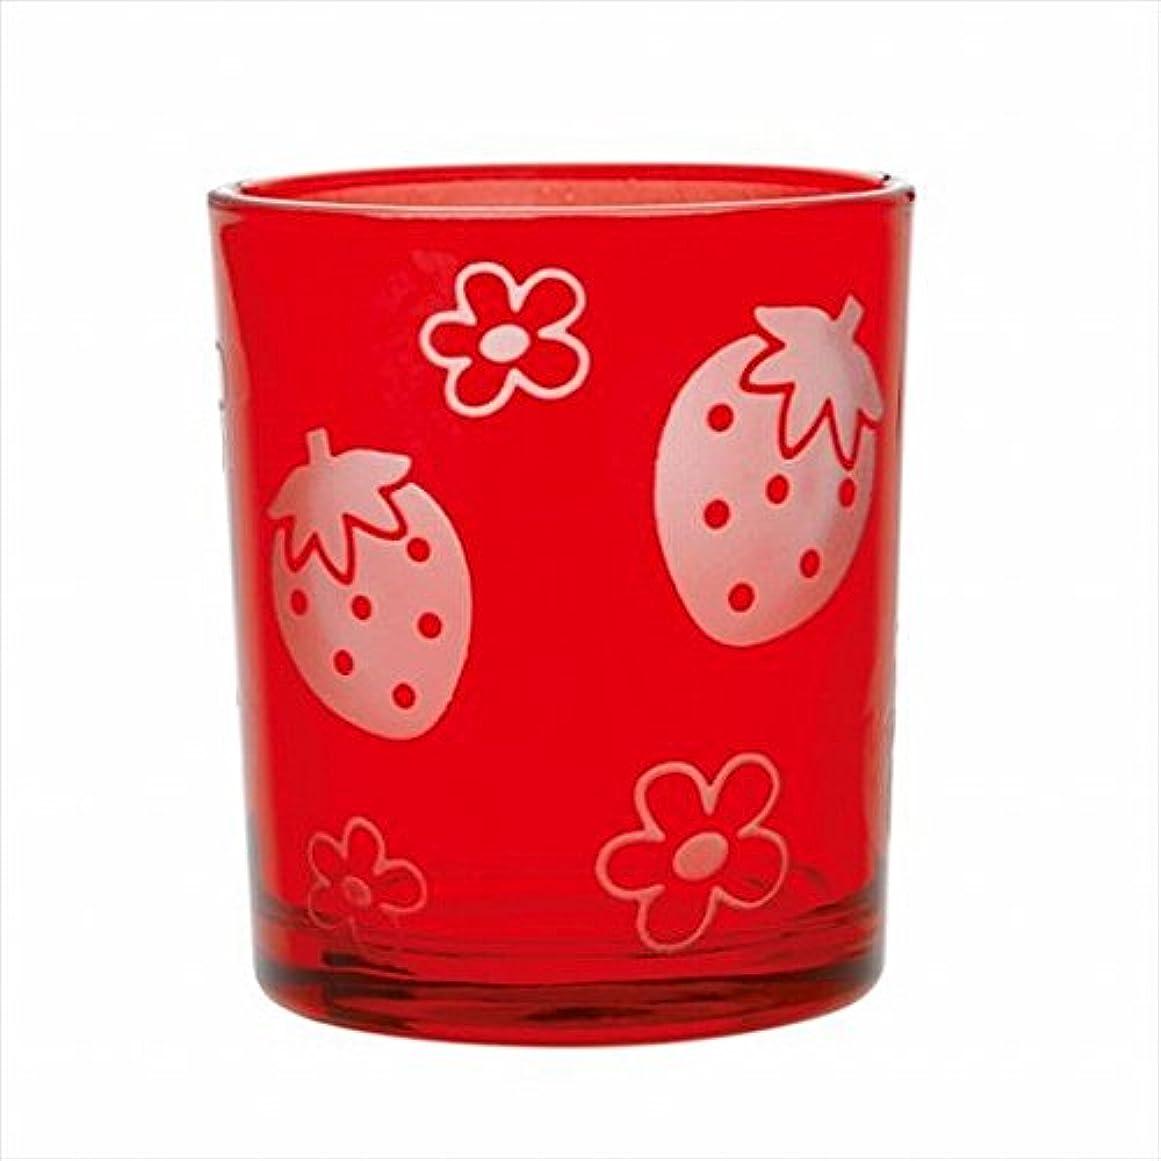 極地ペデスタル気候の山sweets candle いちごフロストカップ 「 レッド 」